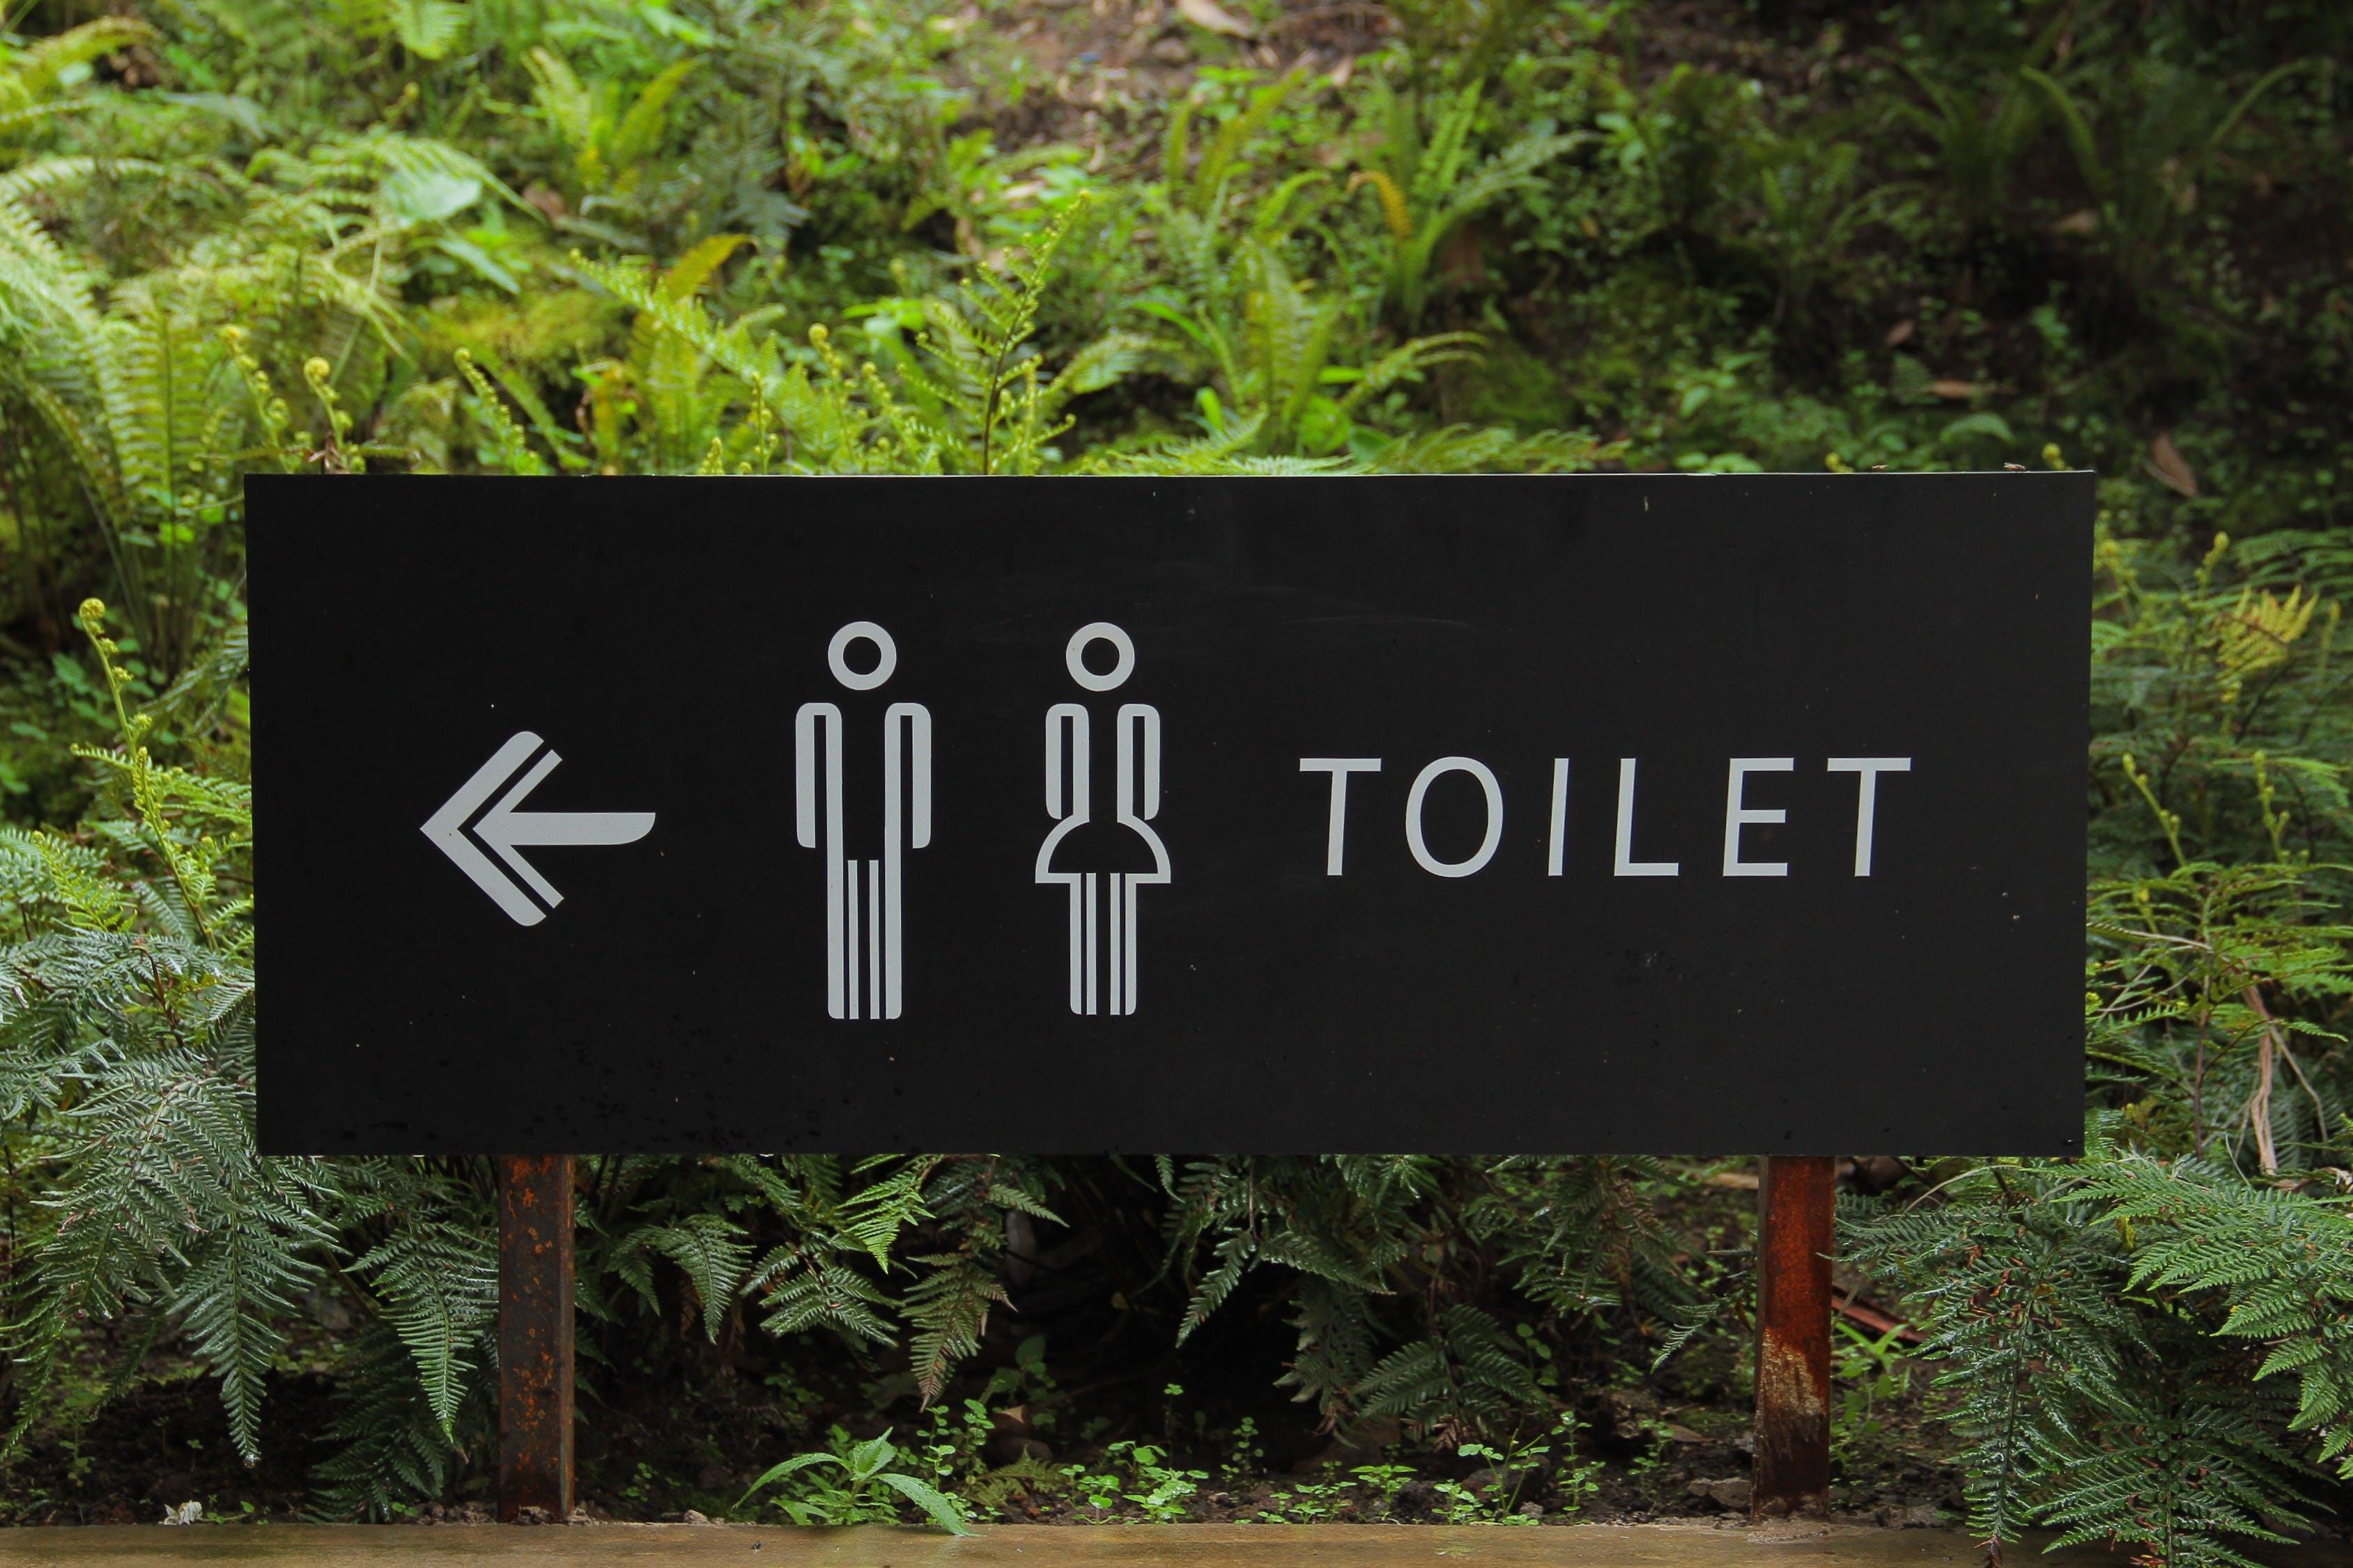 Toilet Signage Beside Green Leaf